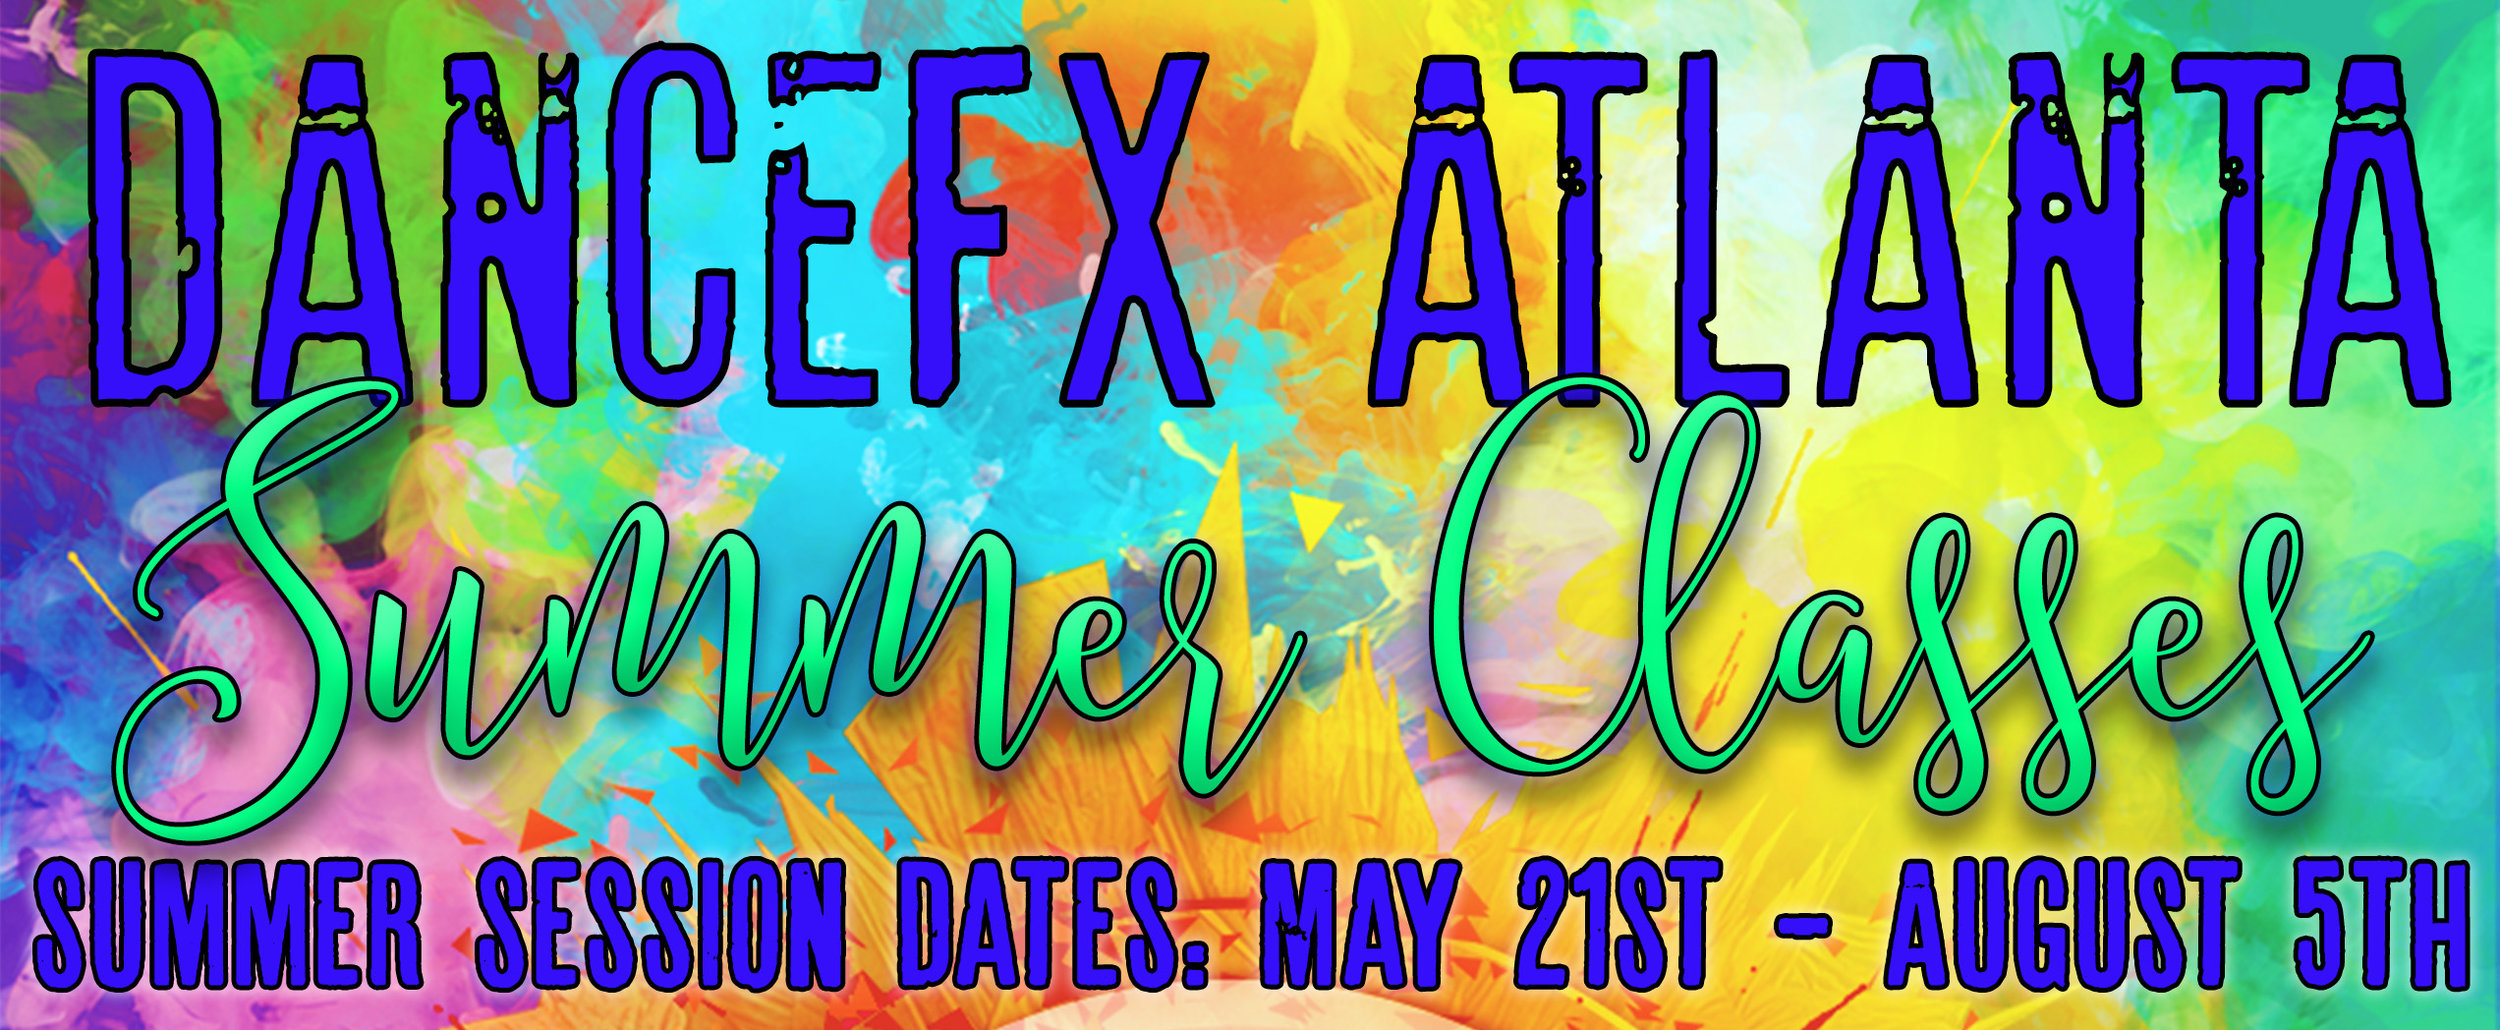 Dancefx Atlanta Summer Classes